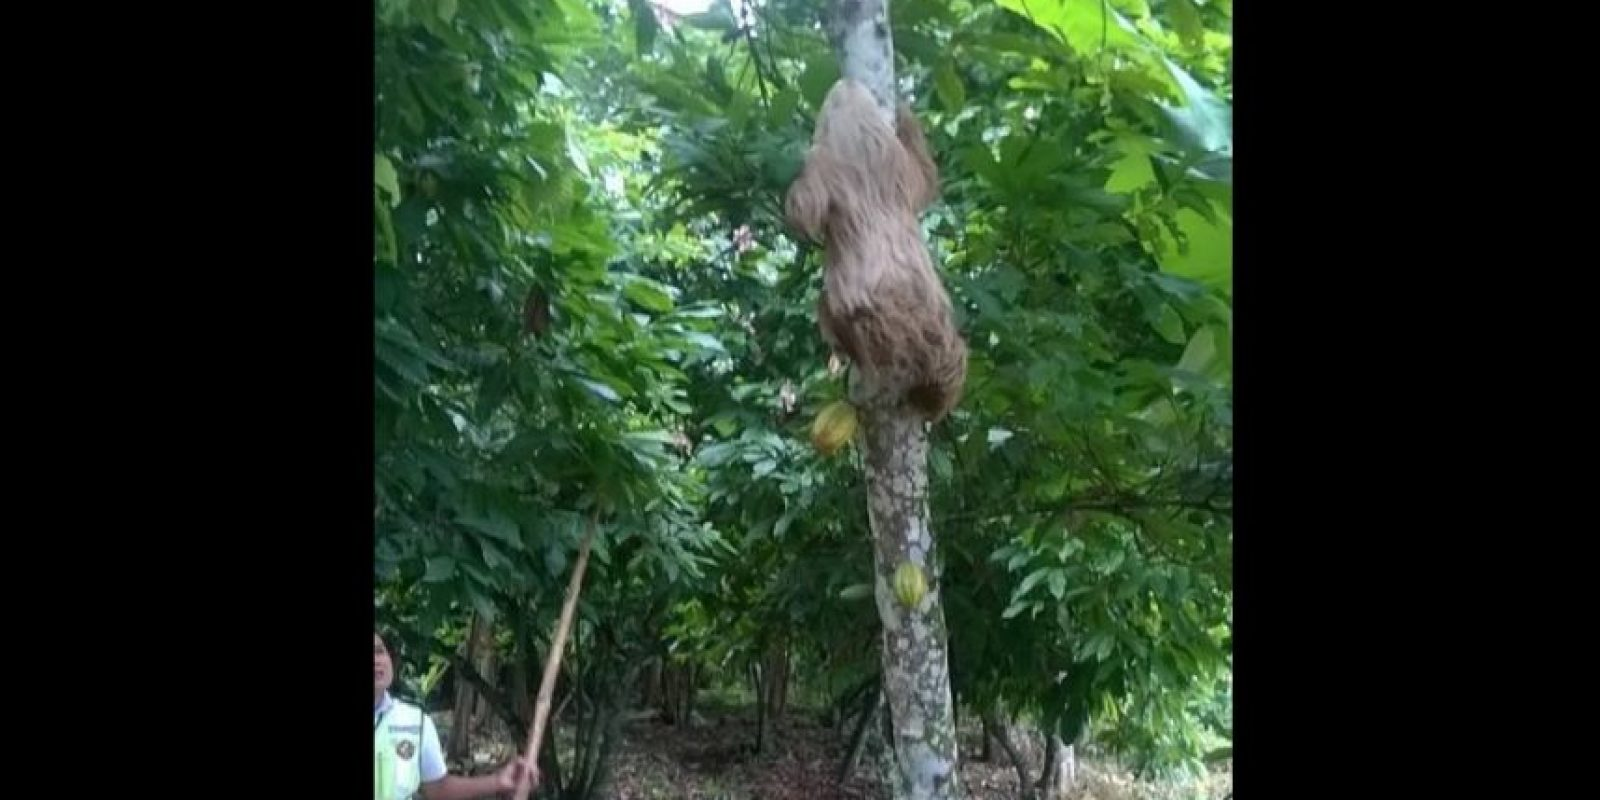 Comunmente, su alimentación se basa en hojas de árboles. Foto:Vía facebook.com/ctecuador